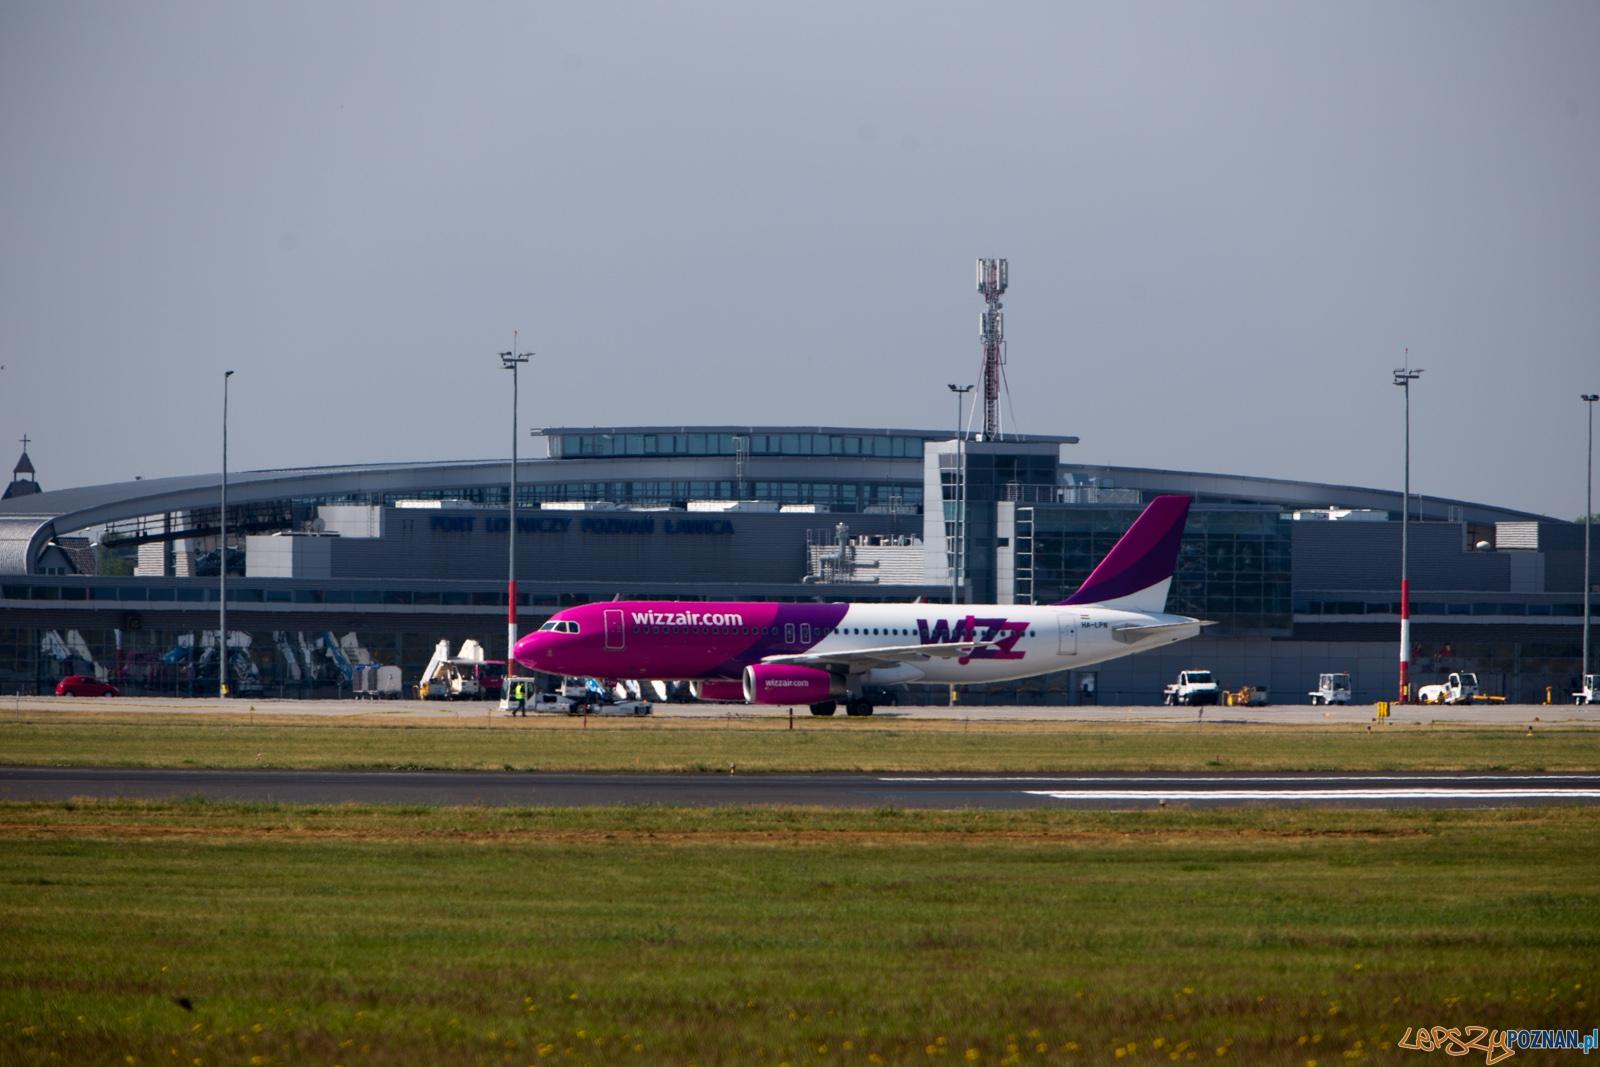 Lotnisko Ławica  - samolot Wizzair wypychany ze stanowiska  Foto: lepszyPOZNAN.pl /Piotr Rychter